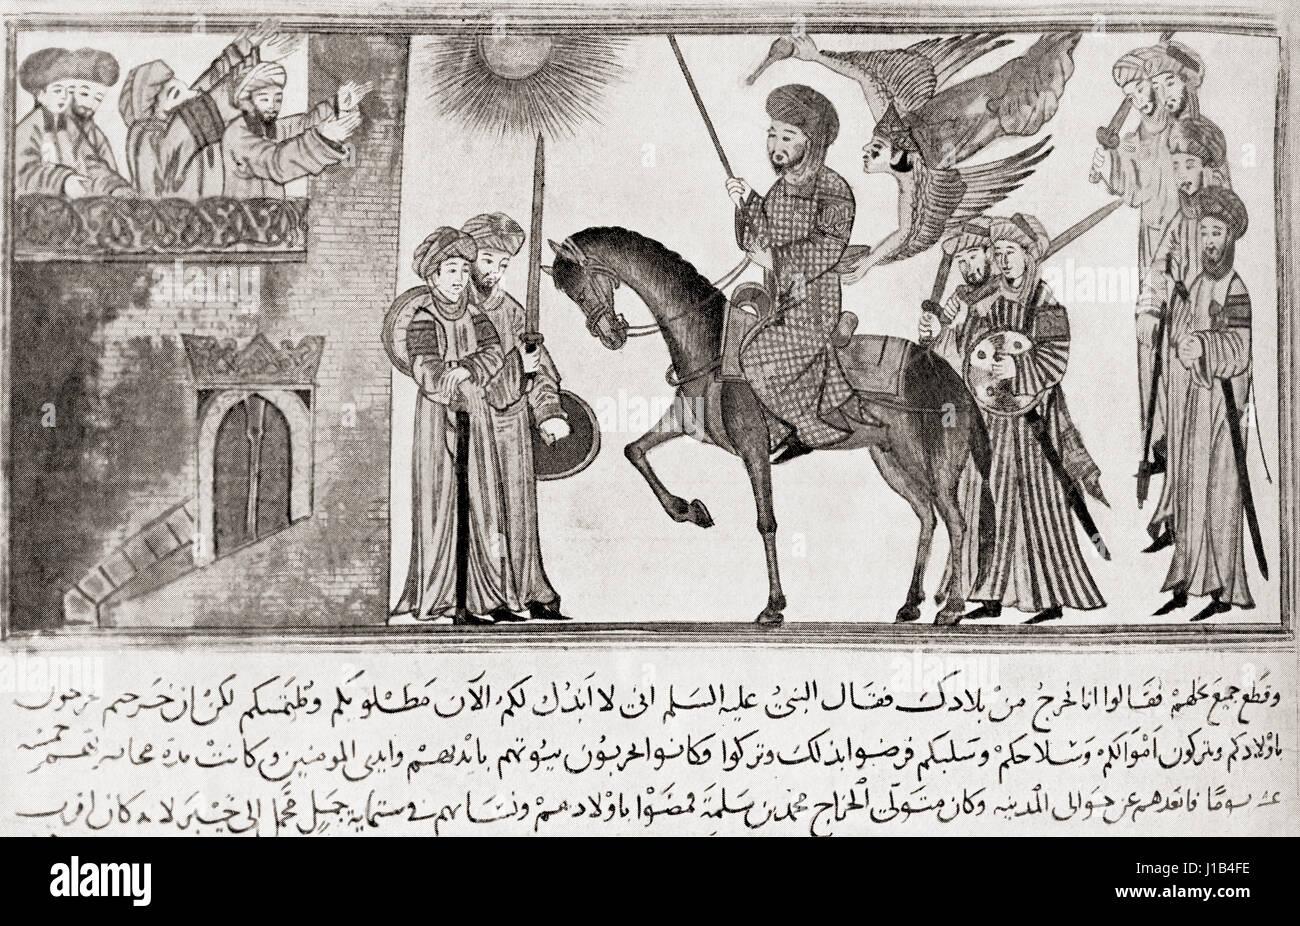 Muḥammad ibn 'Abdullāh, c. 570 - 632. Profeta dell'Islam. Da Hutchinson nella storia delle nazioni, pubblicato Immagini Stock